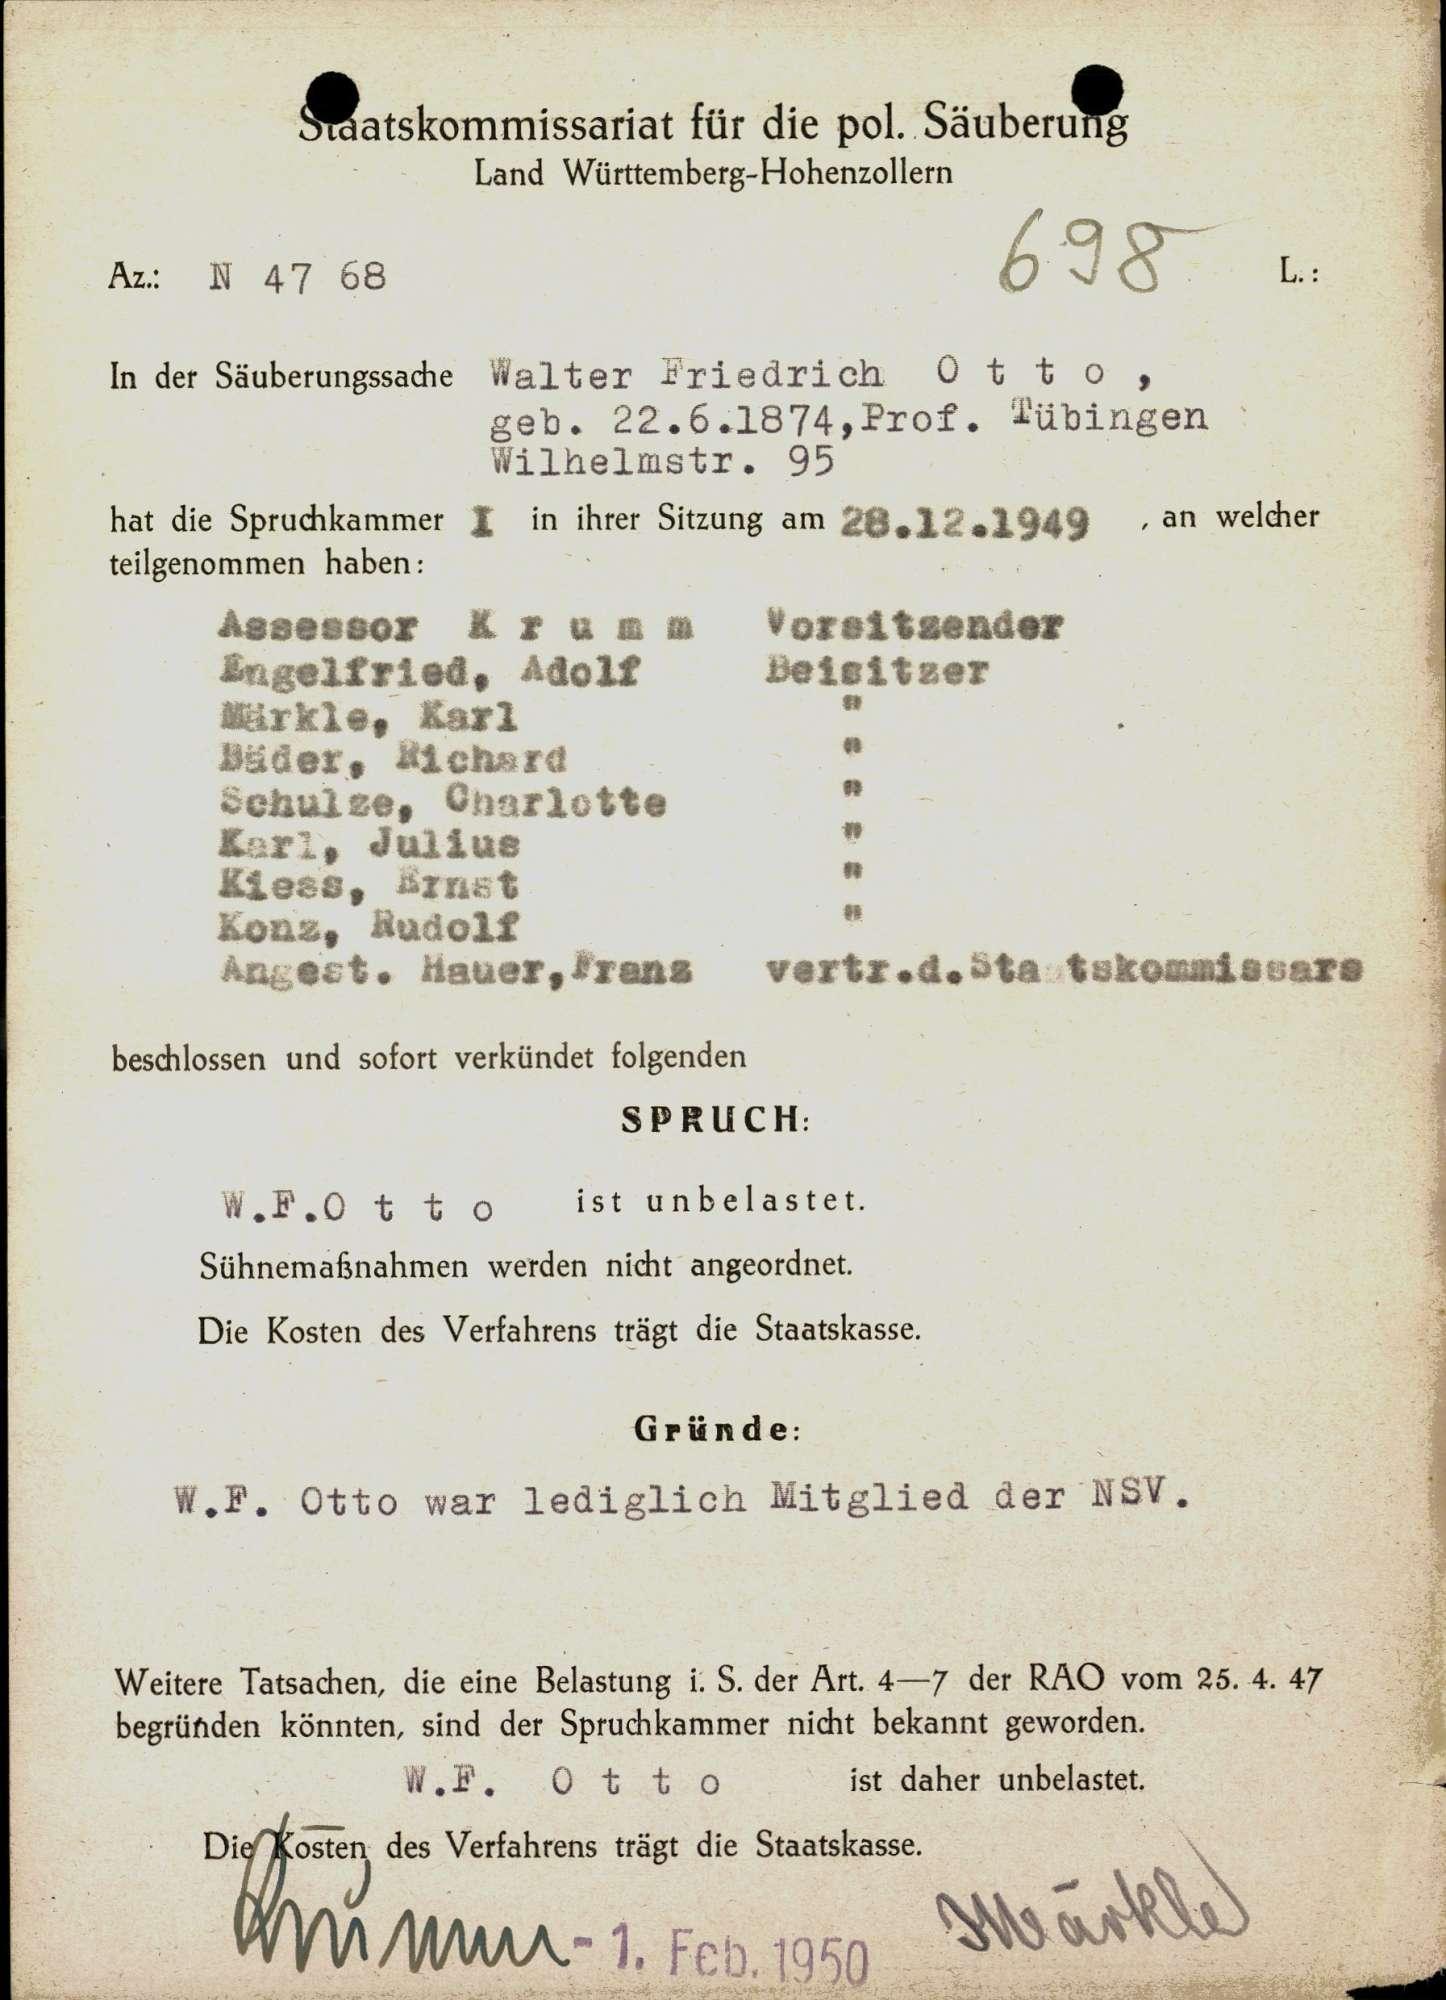 Otto, Walter Friedrich, Bild 1